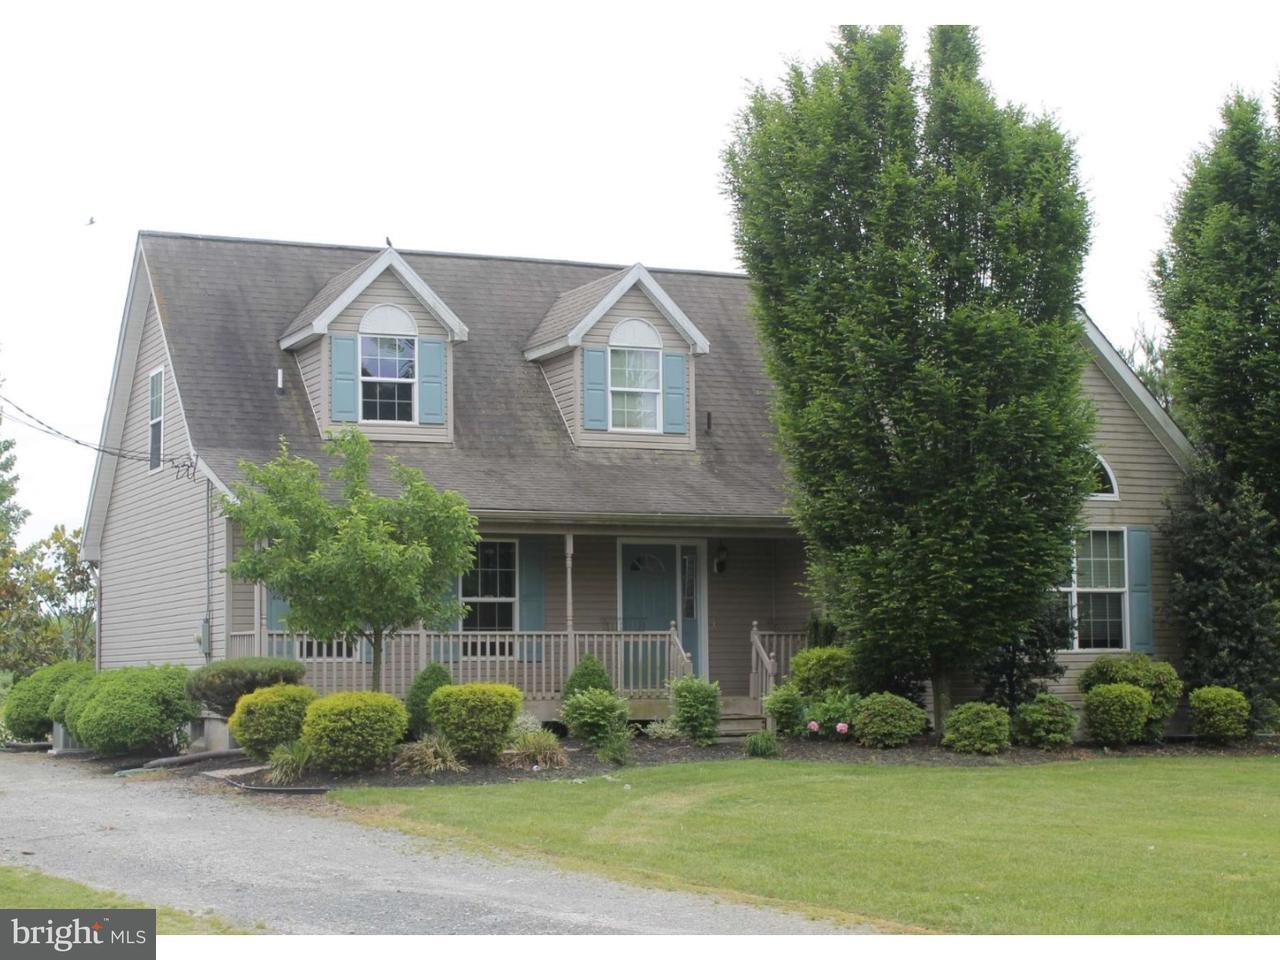 Maison unifamiliale pour l Vente à 615 WHIG Lane Elk Township, New Jersey 08343 États-Unis